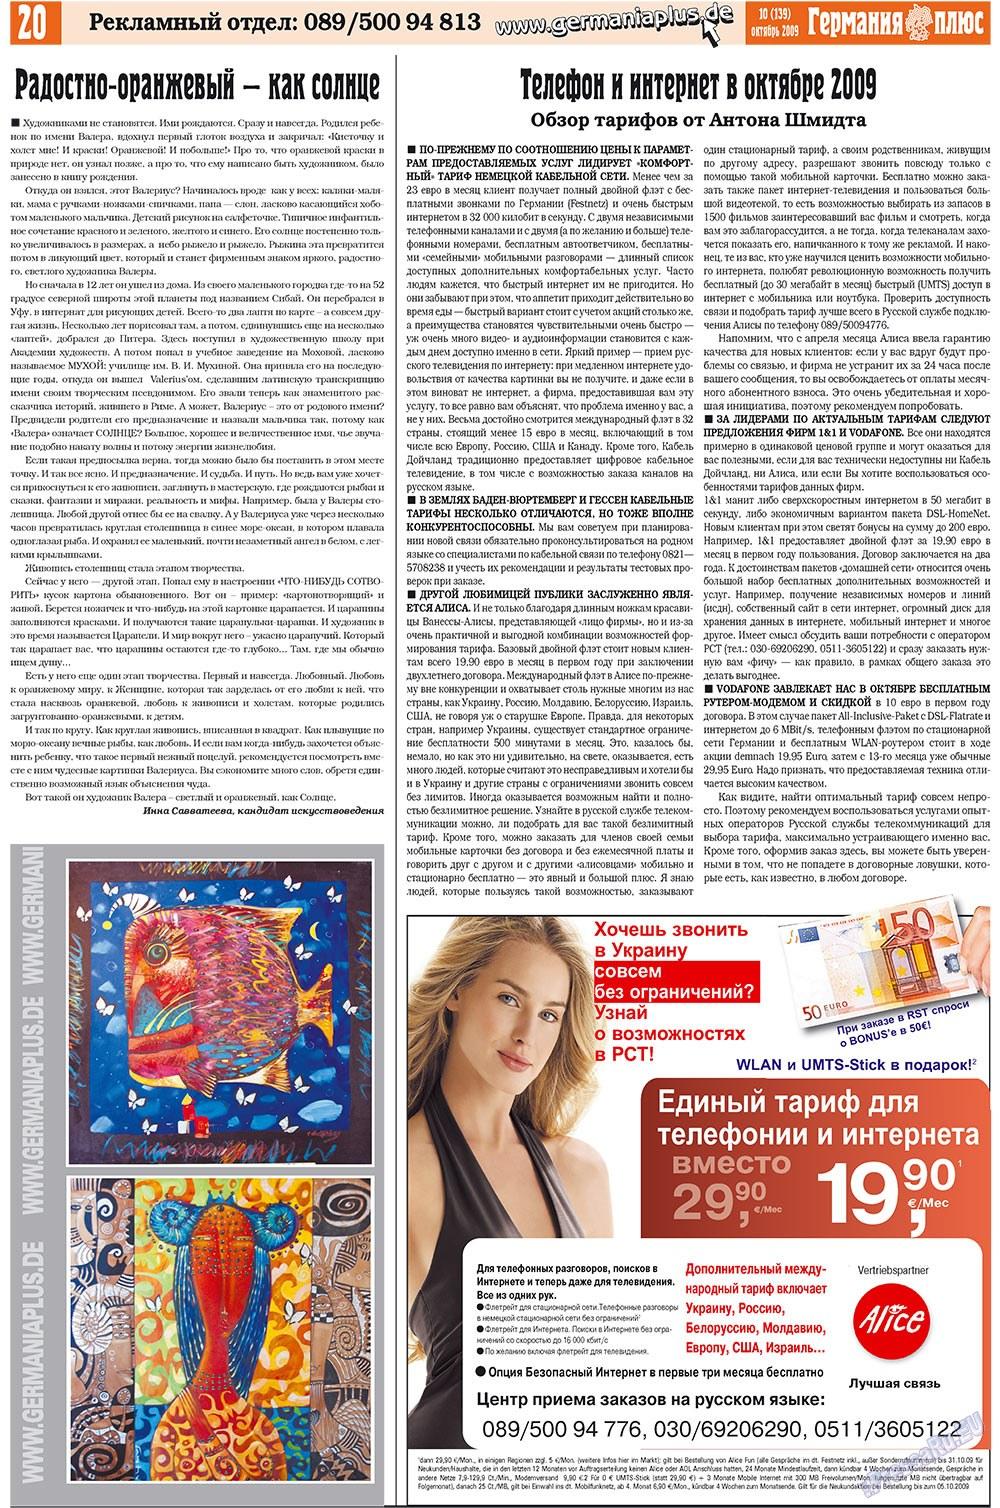 Германия плюс (газета). 2009 год, номер 10, стр. 20